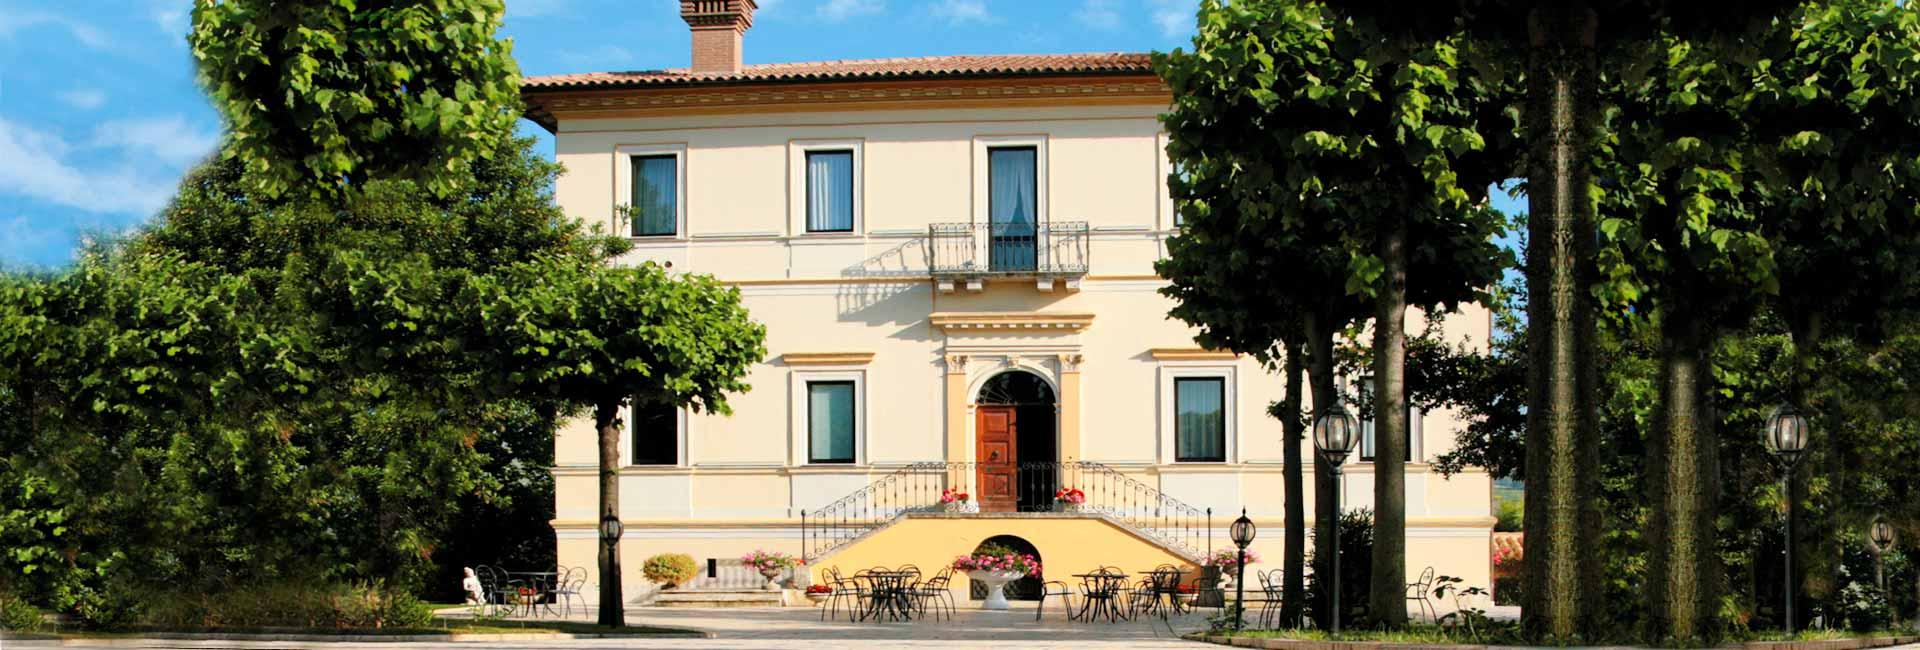 Ristorante La Cantina Villa Picena